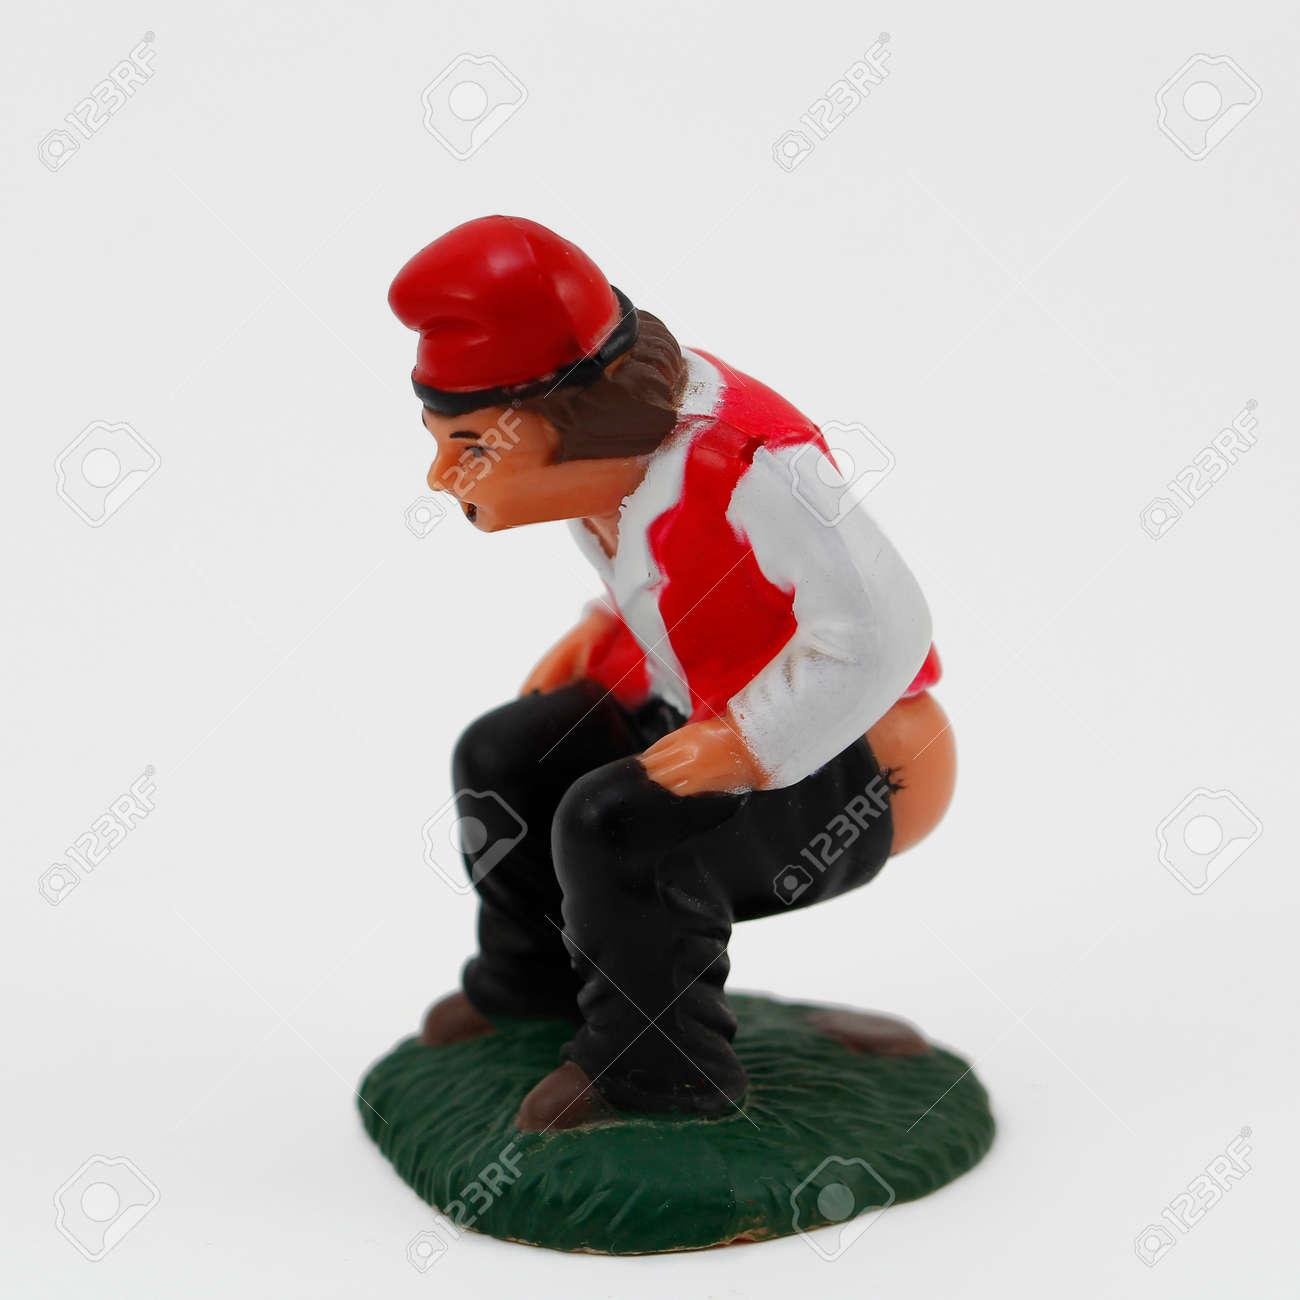 Le caganer, une figurine catalan traditionnel de Noël Banque d'images - 49245259